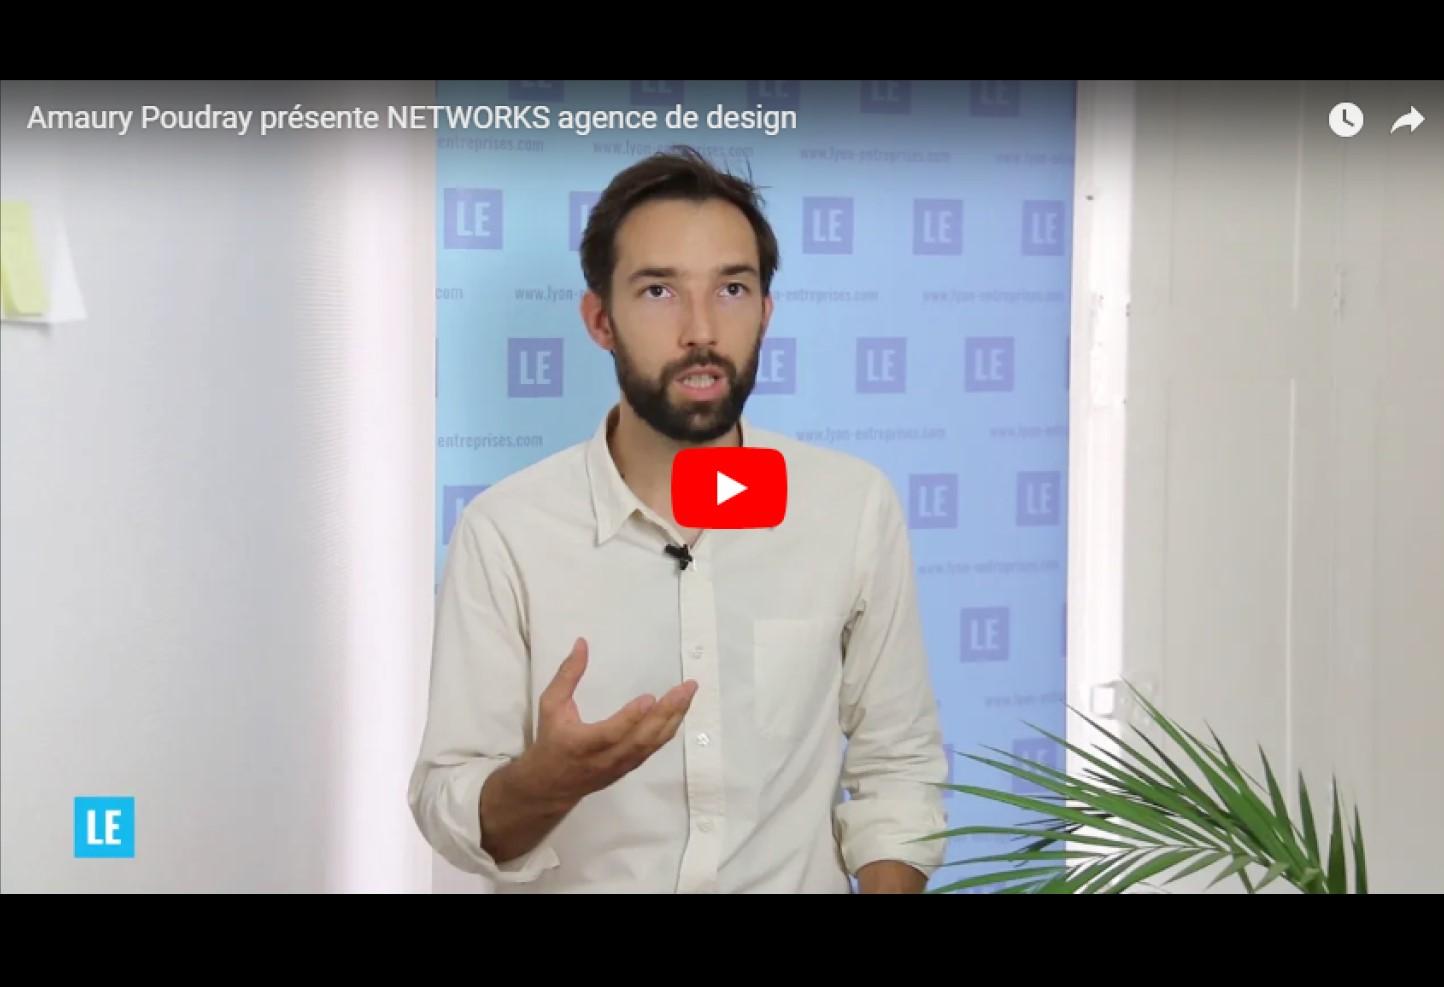 Amaury Poudray présente NETWORKS agence de design